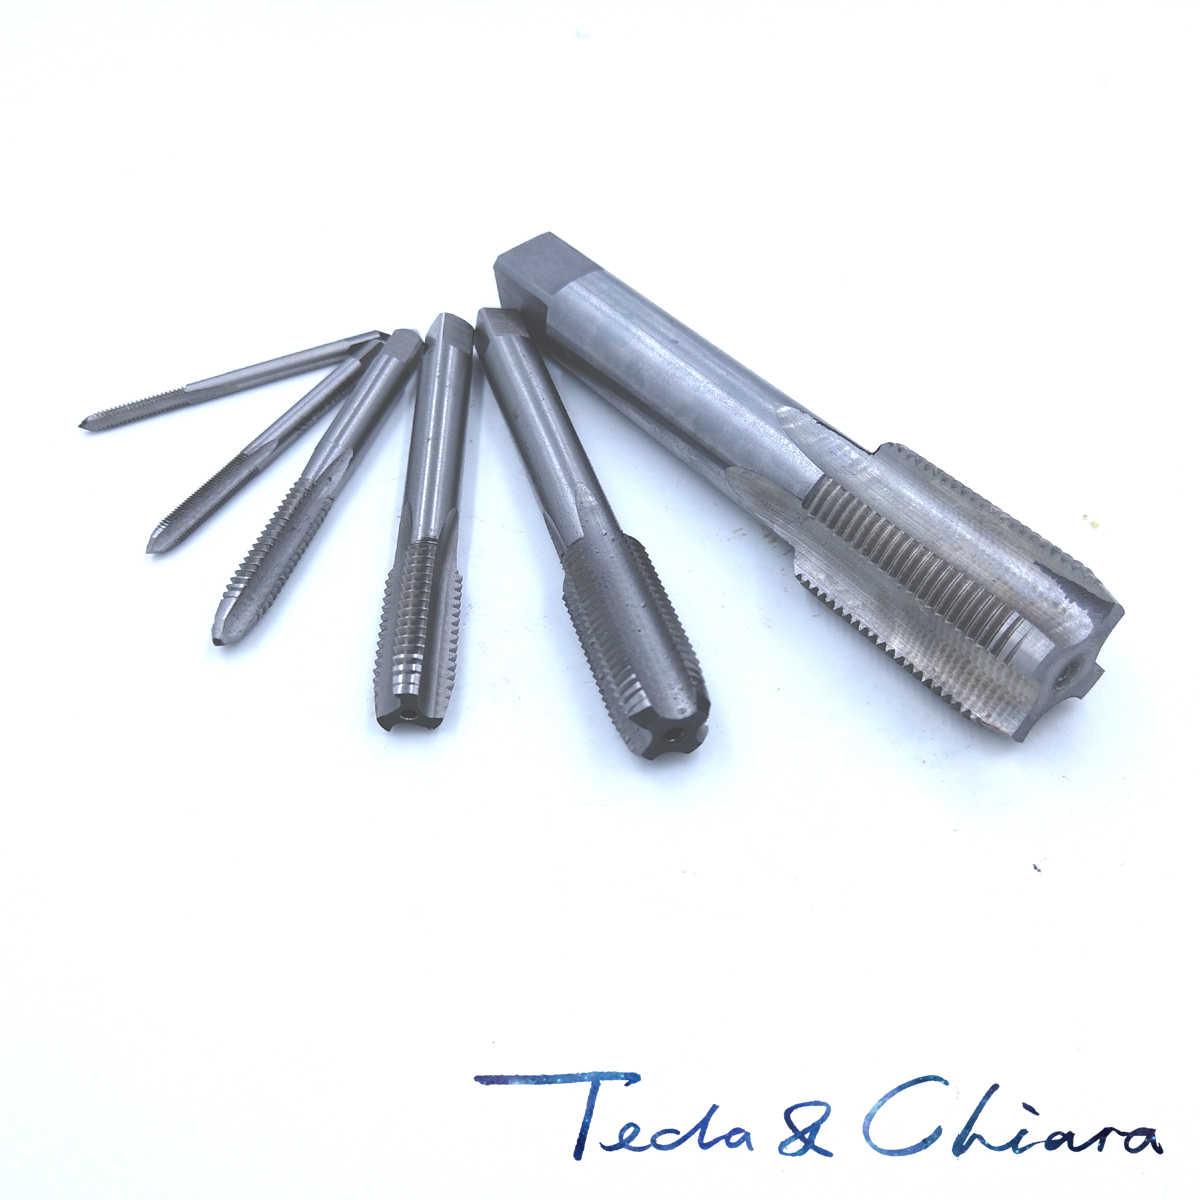 HSS 2.5mm x 0.45 Metric Taper /& Plug Tap Right Hand Thread M2.5 x 0.45mm Pitch